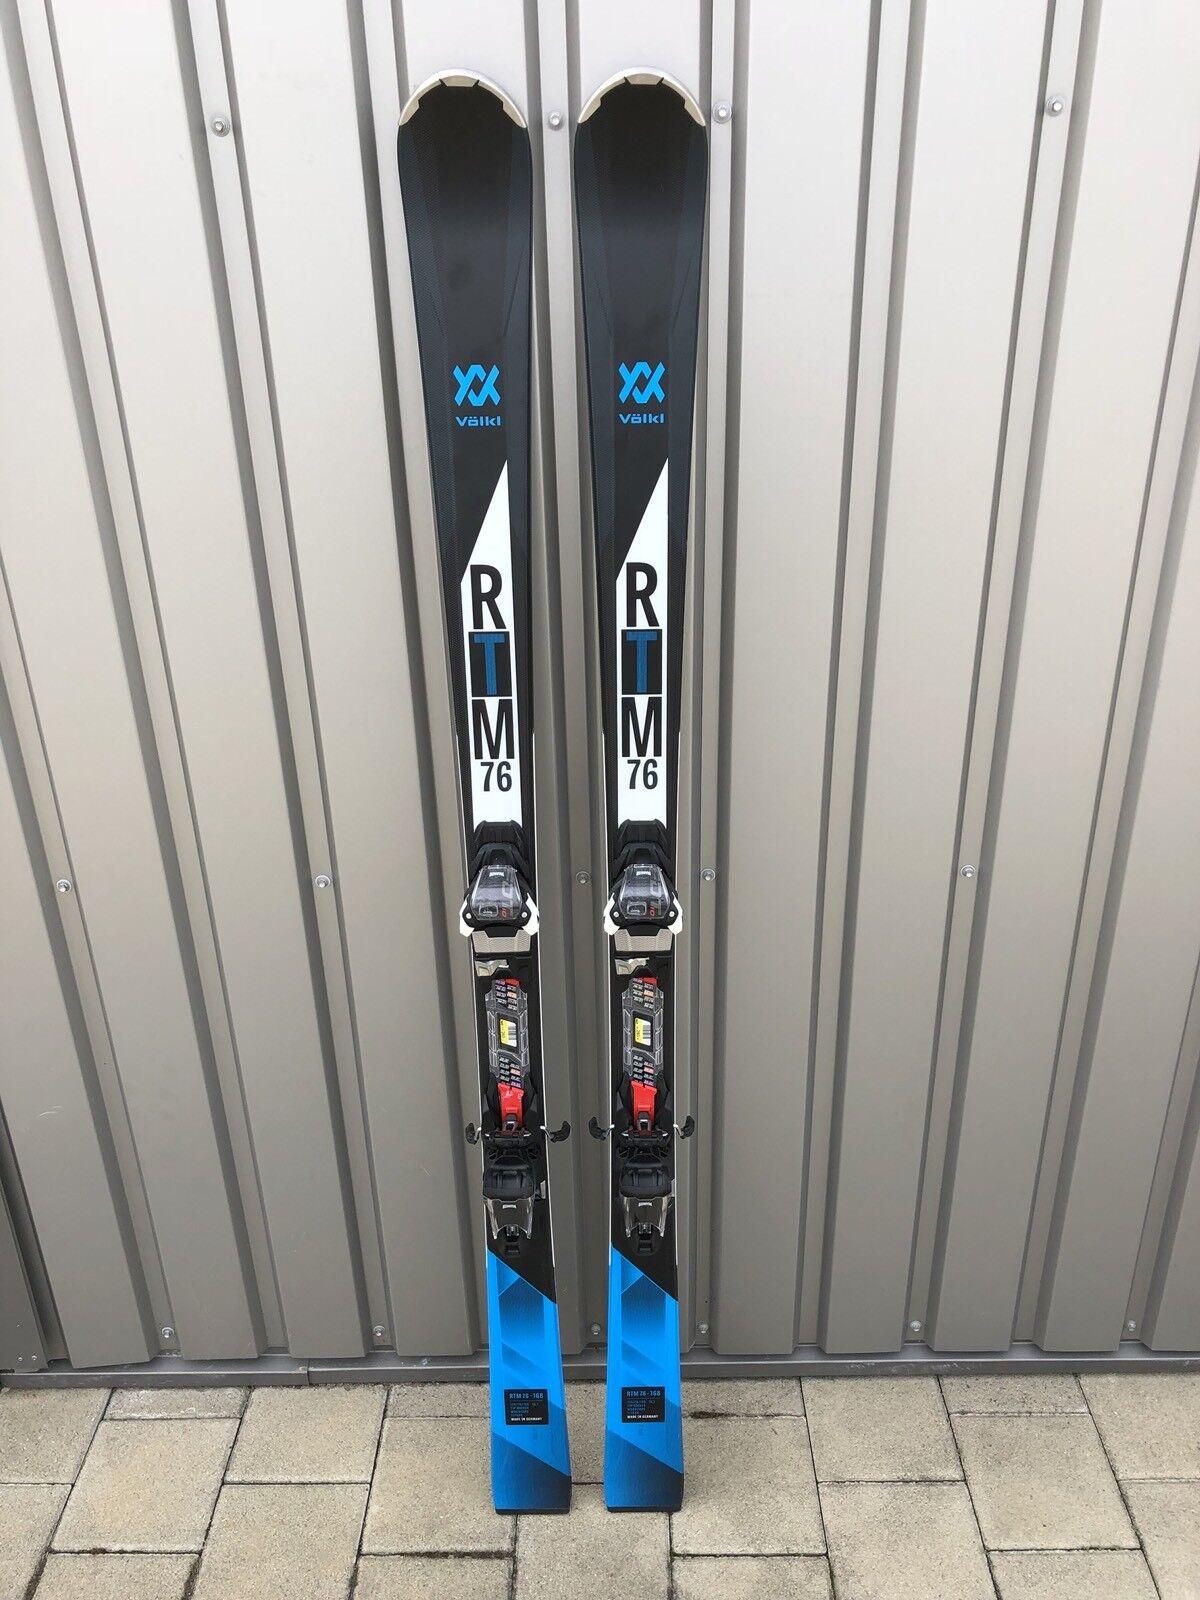 Völkl RTM 76 Ski 168cm vMotion2 10er Bindung Mod. 2017/18 Testski T168